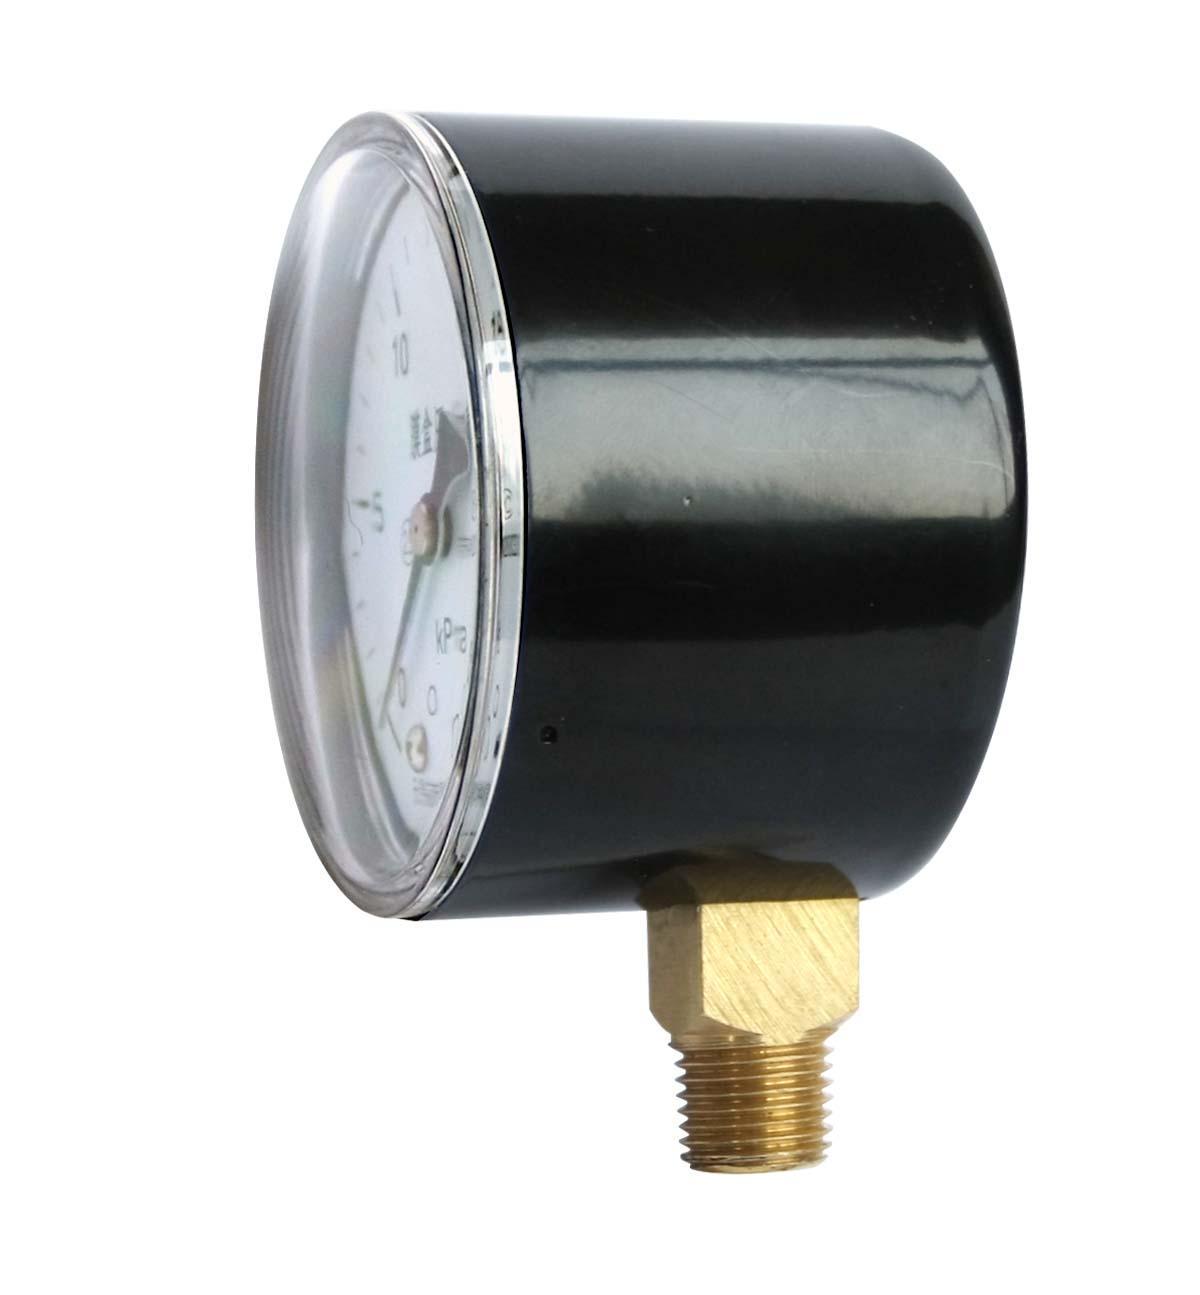 膜盒壓力表 普通膜盒壓力表 微壓表 6